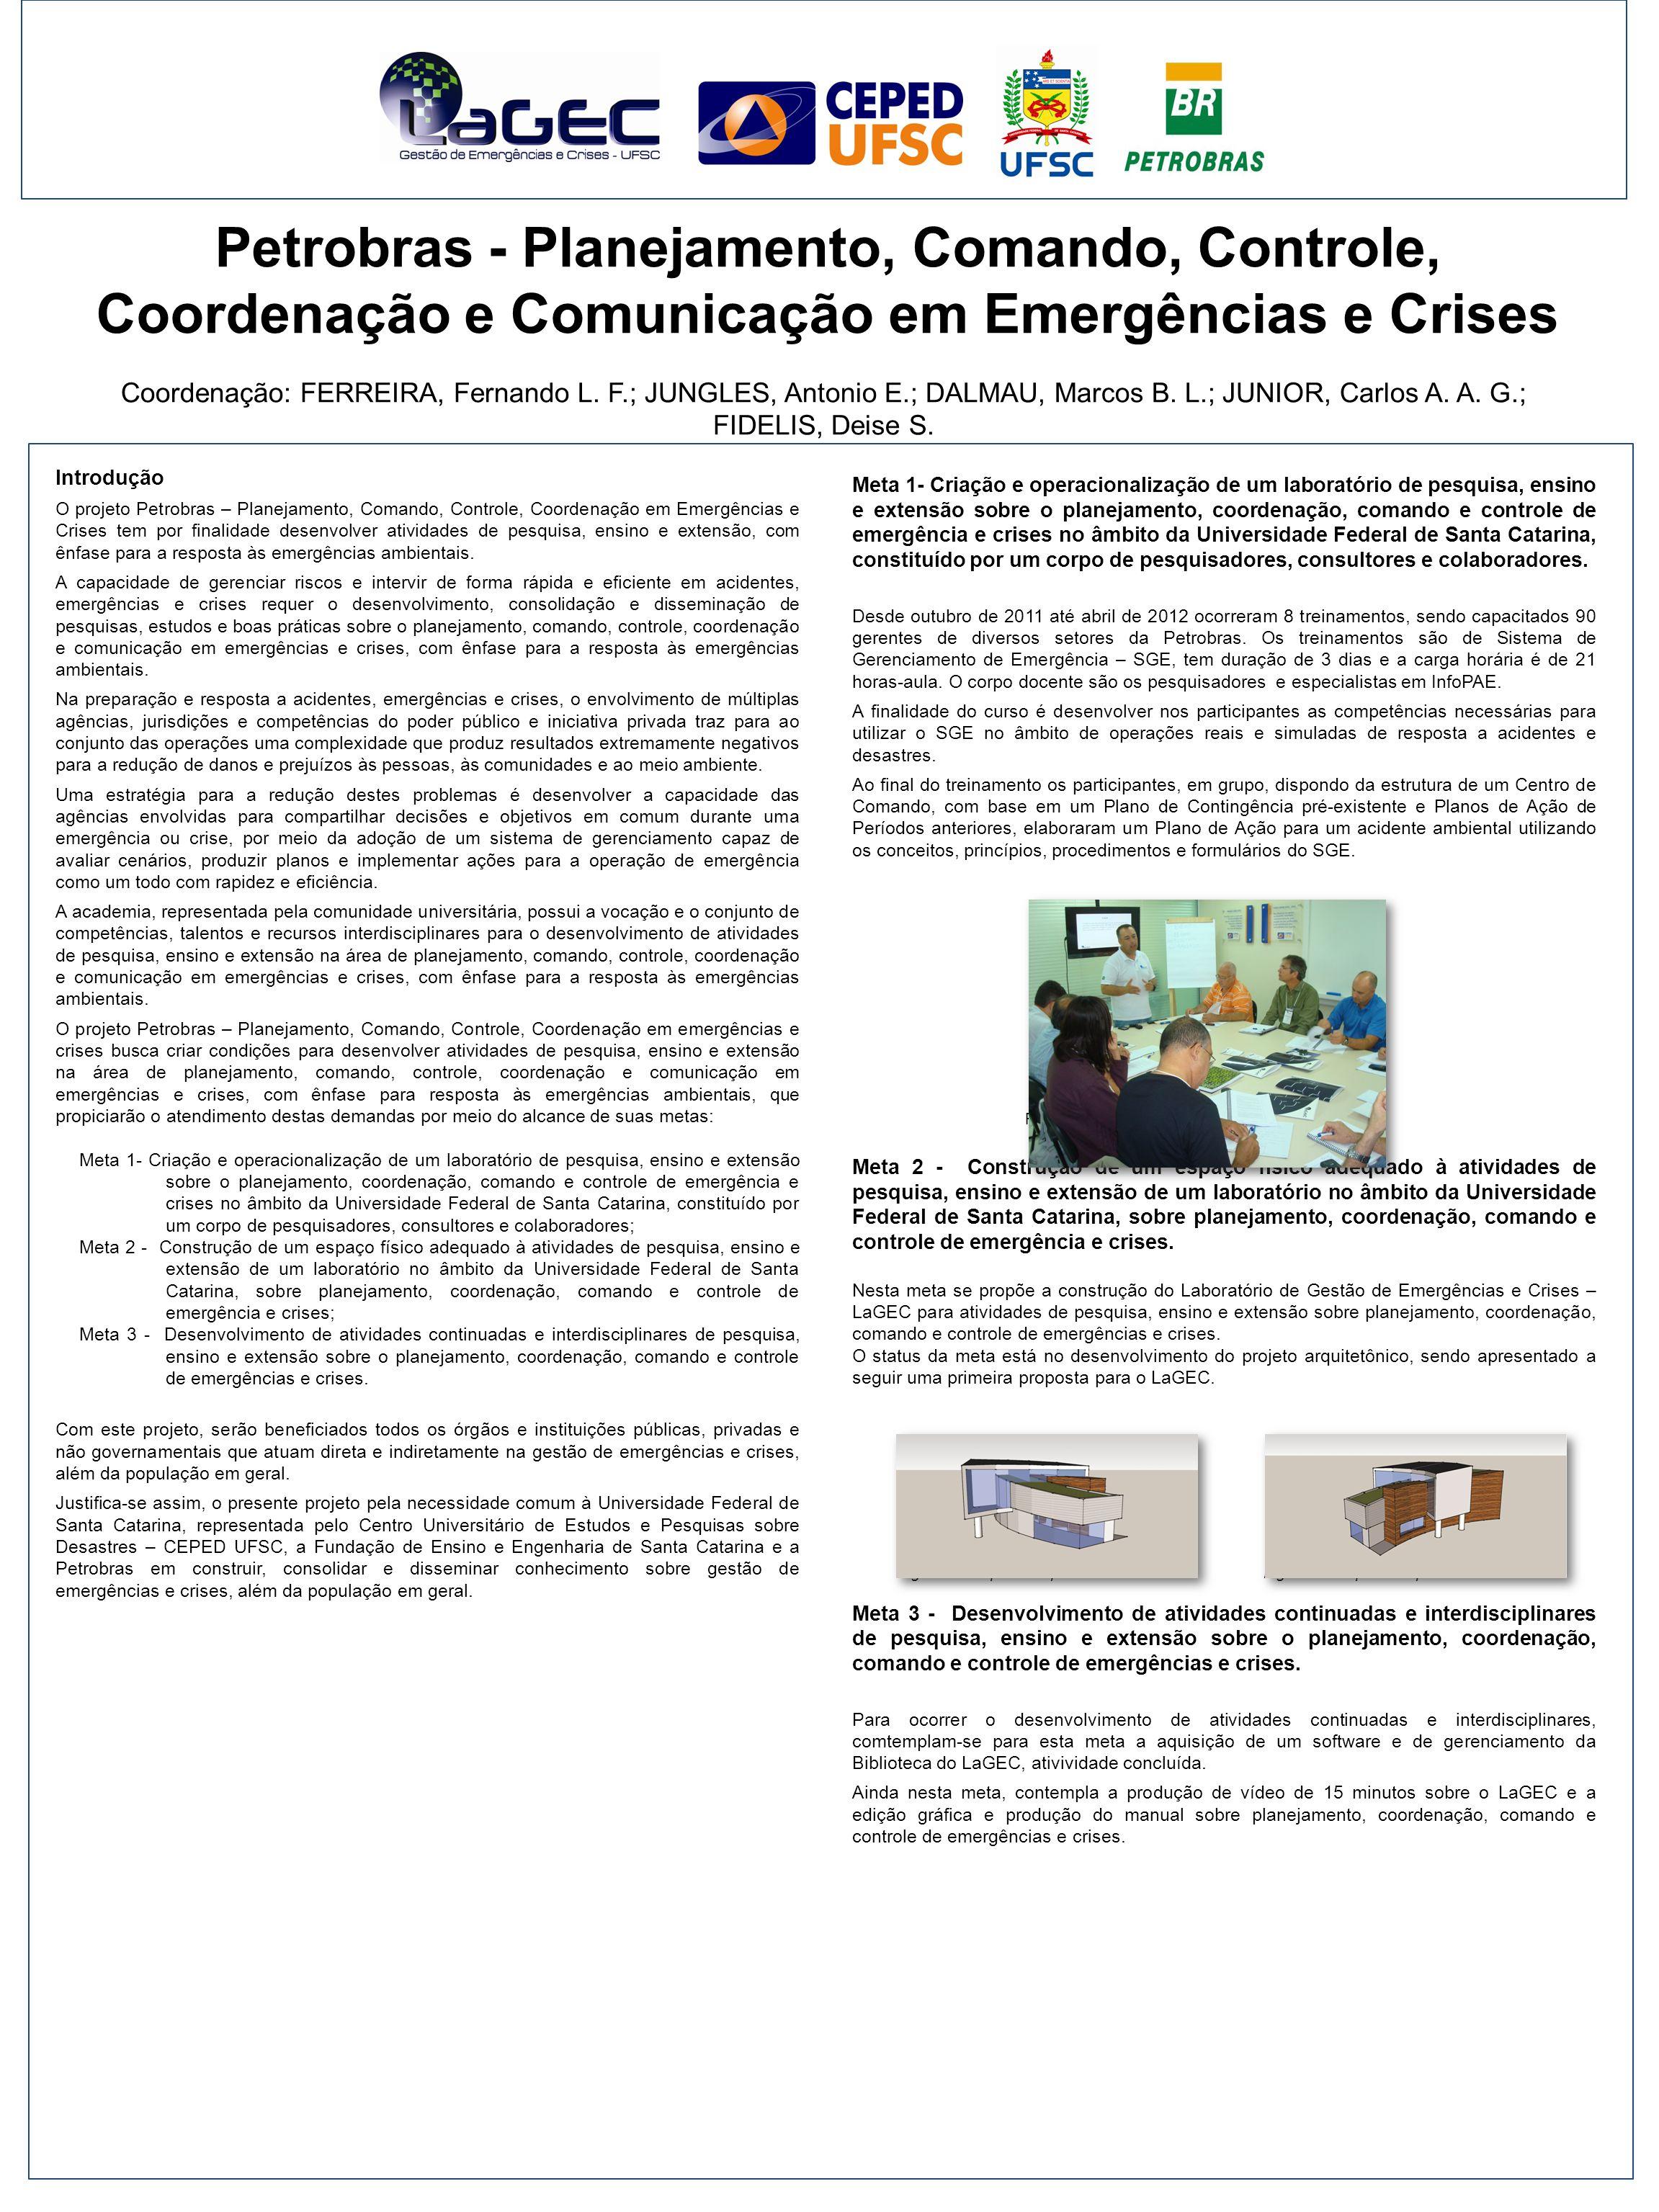 Petrobras - Planejamento, Comando, Controle, Coordenação e Comunicação em Emergências e Crises